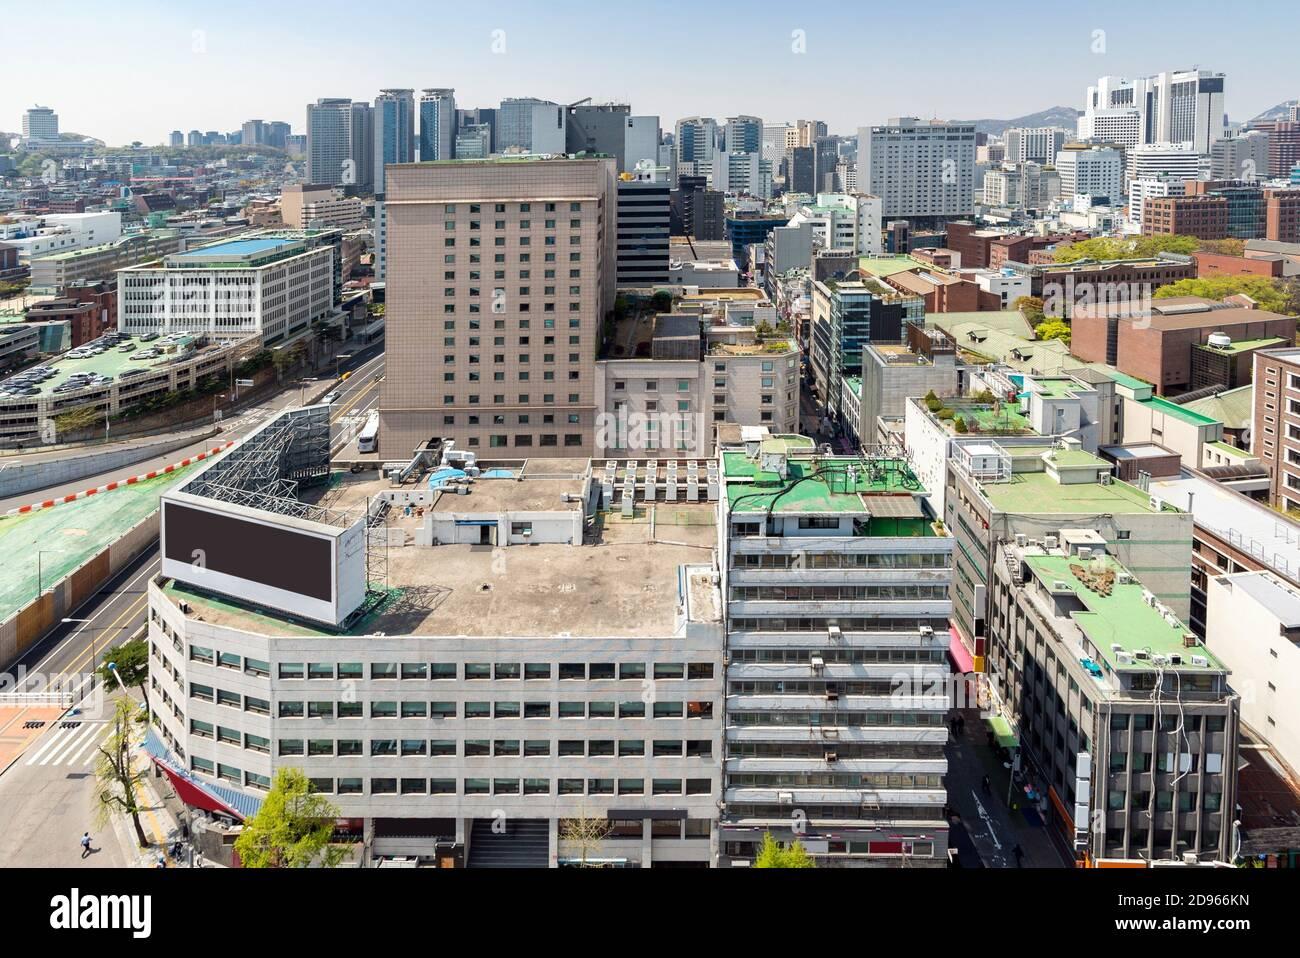 Vue aérienne du paysage urbain du centre-ville de Seoul myeongdong en Corée du Sud. Banque D'Images